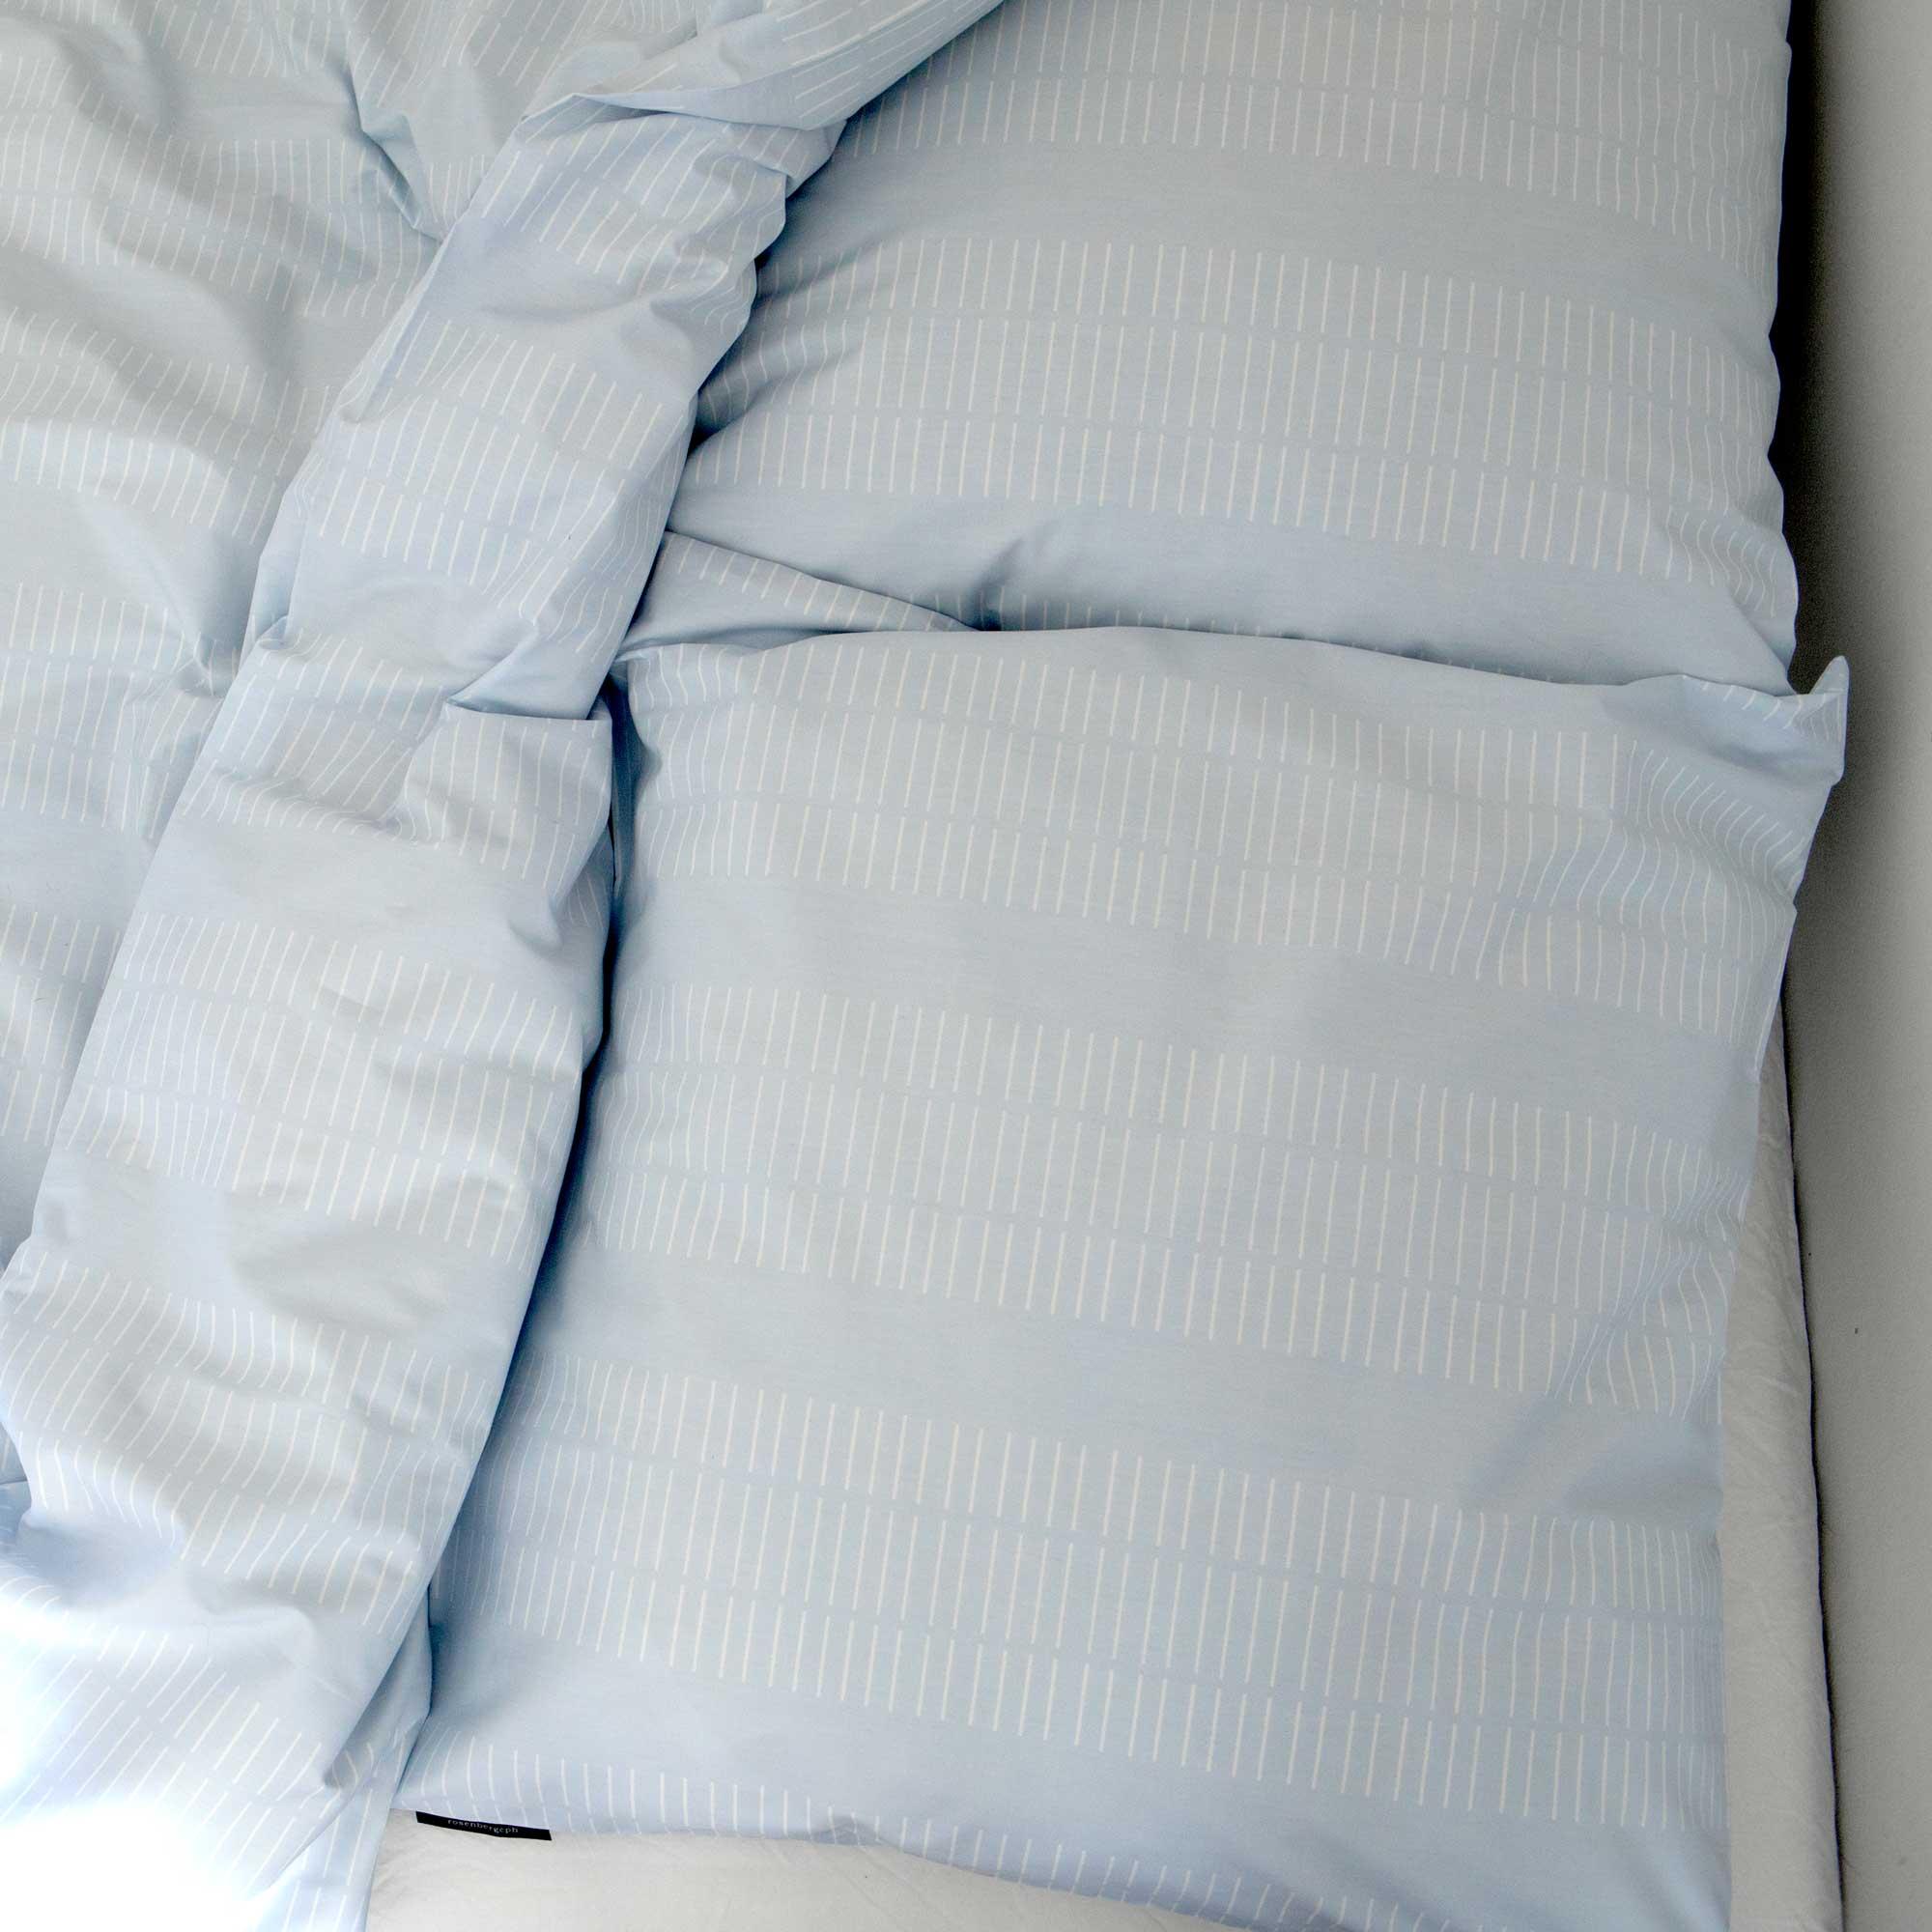 Bed linen, Dash sky blue, design Anne Rosenberg, RosenbergCph